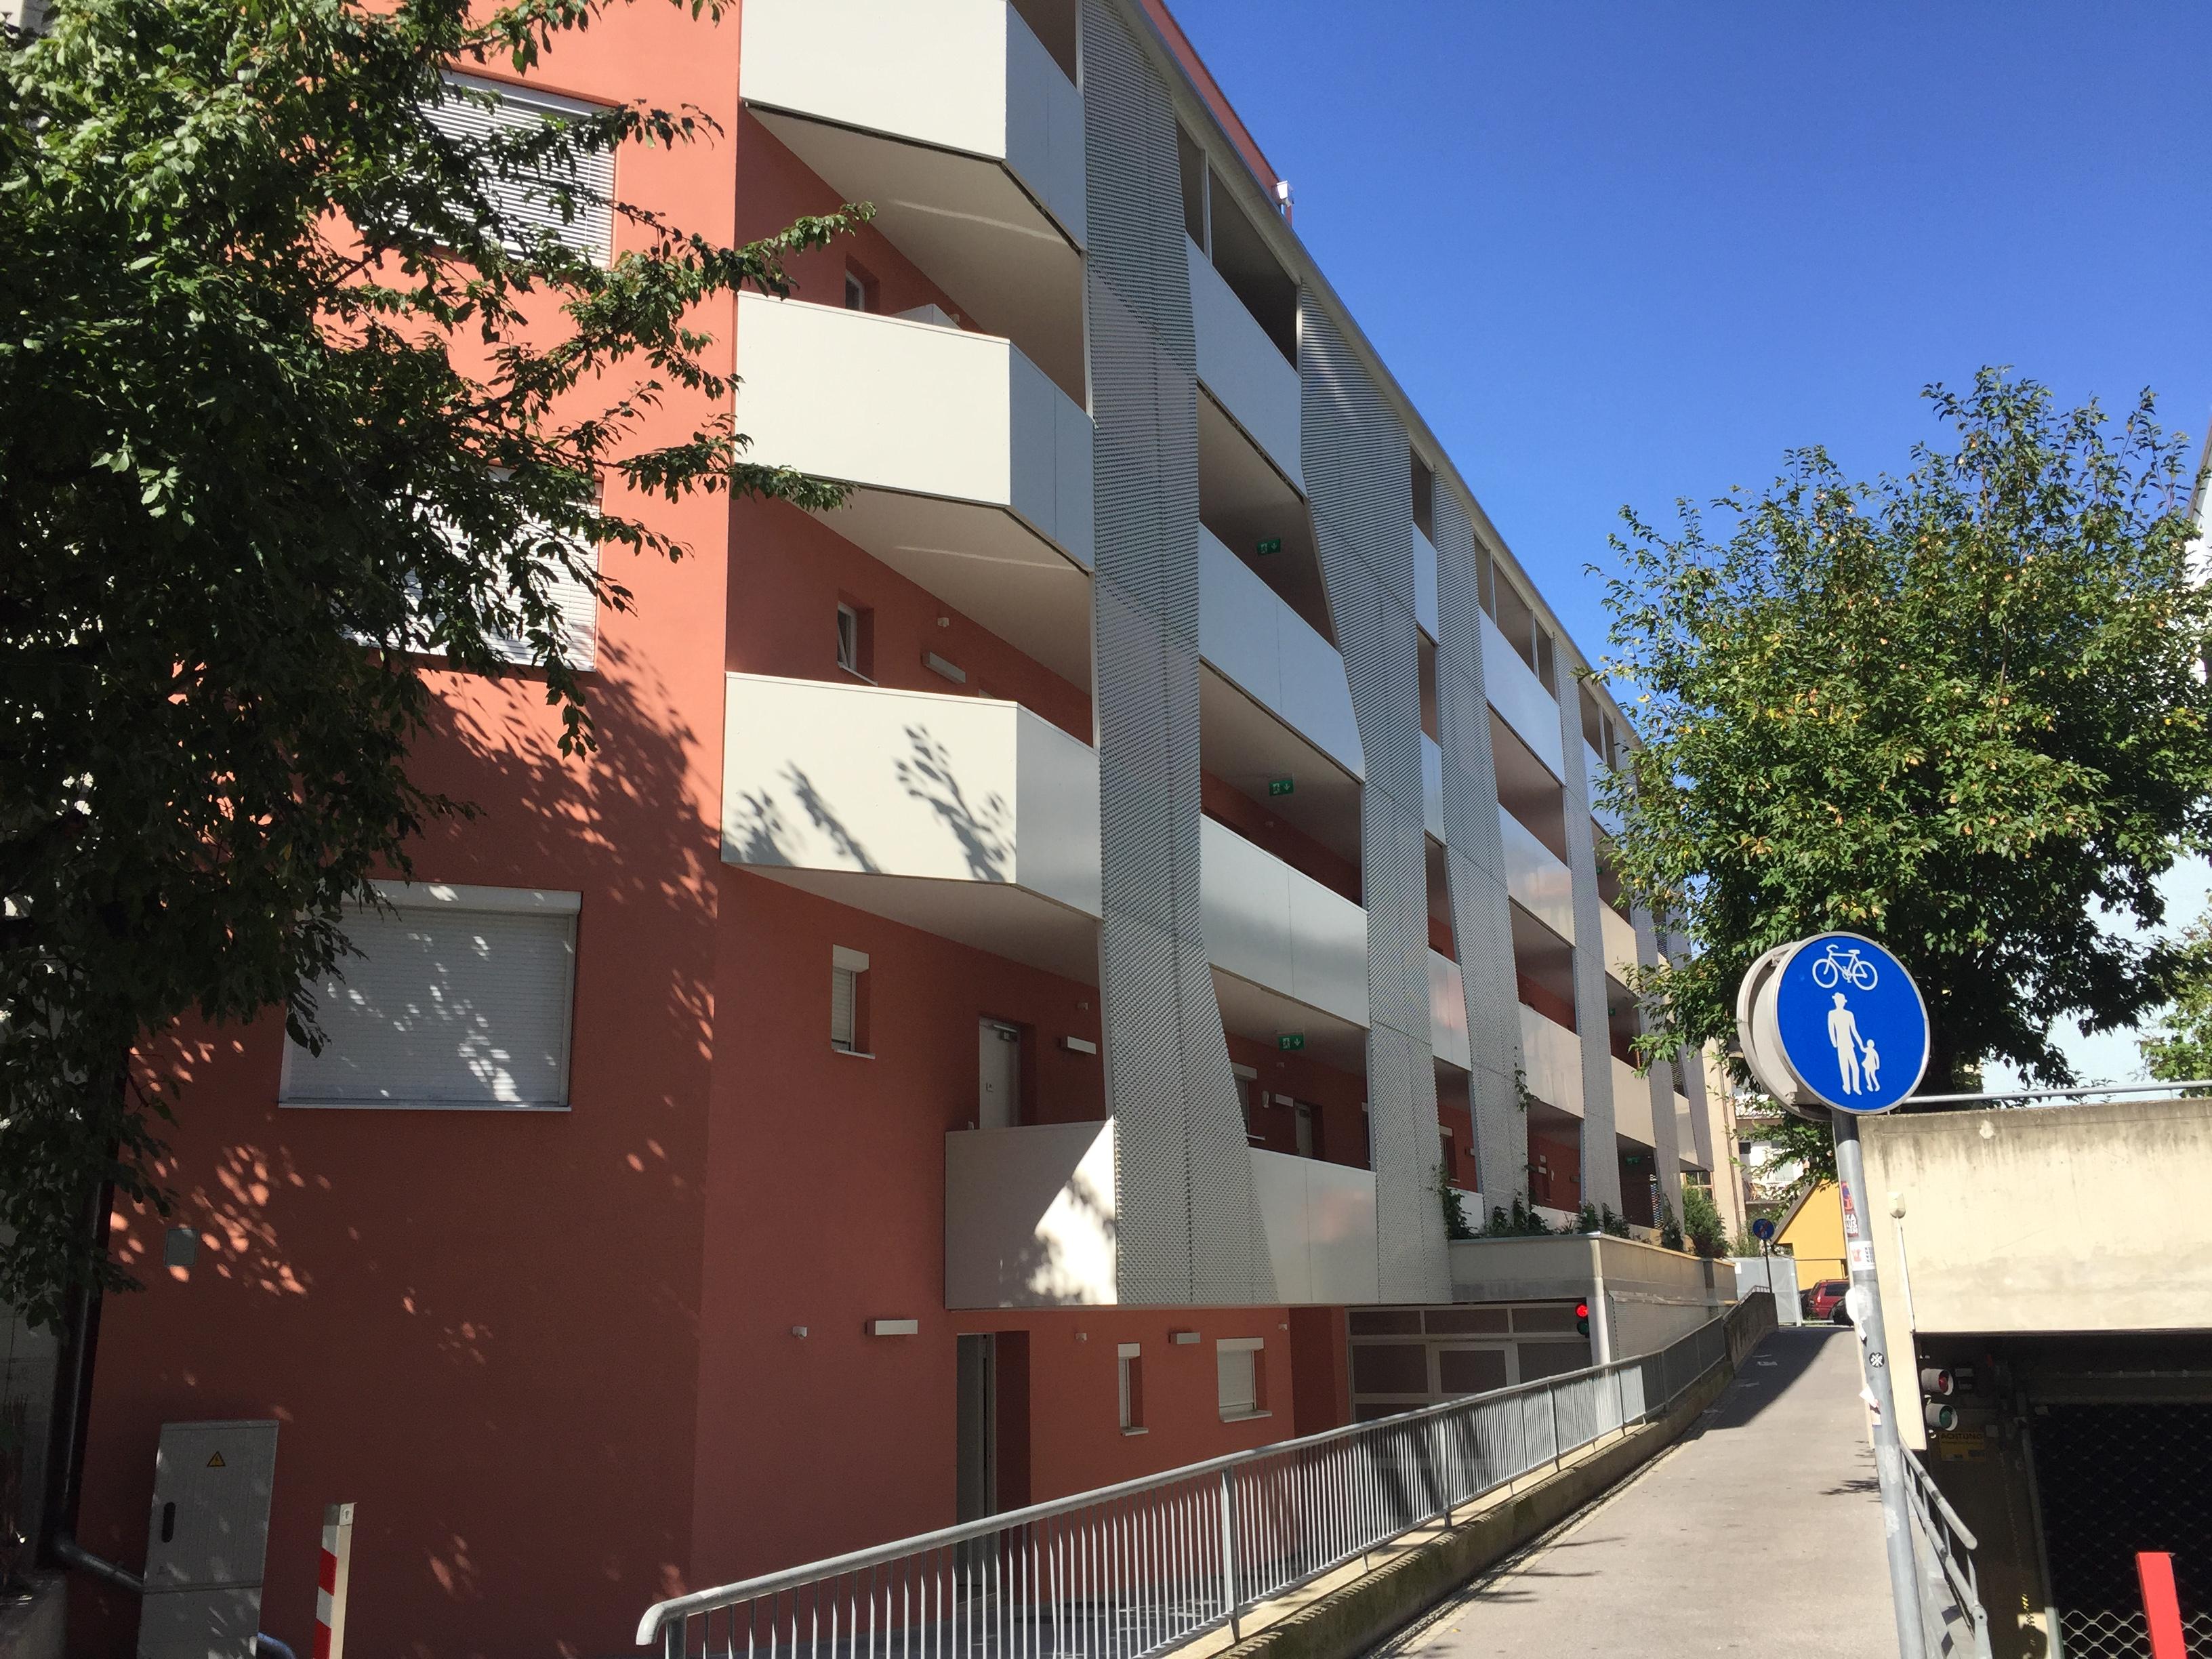 Nette Kleinwohnung im Zentrum (Neubau)